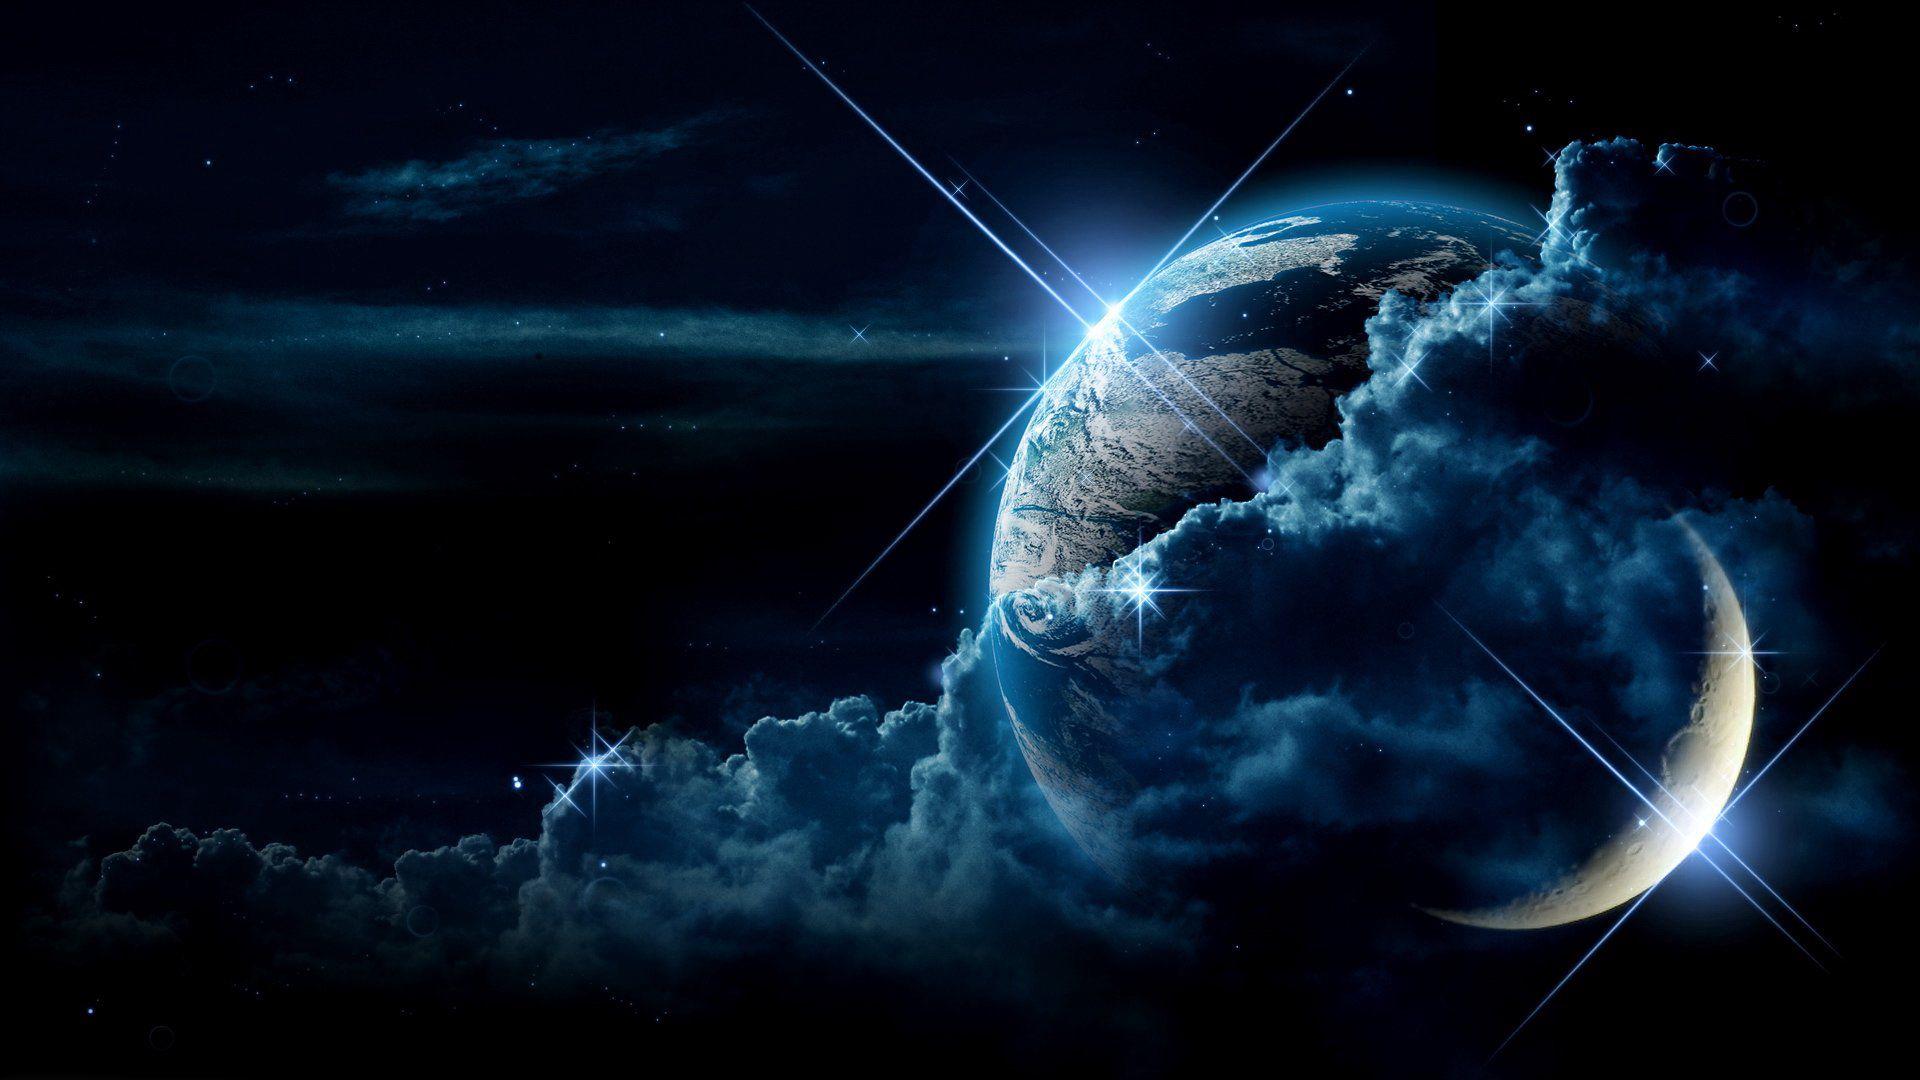 1920x1080 Wallpaper planet, clouds, light, star